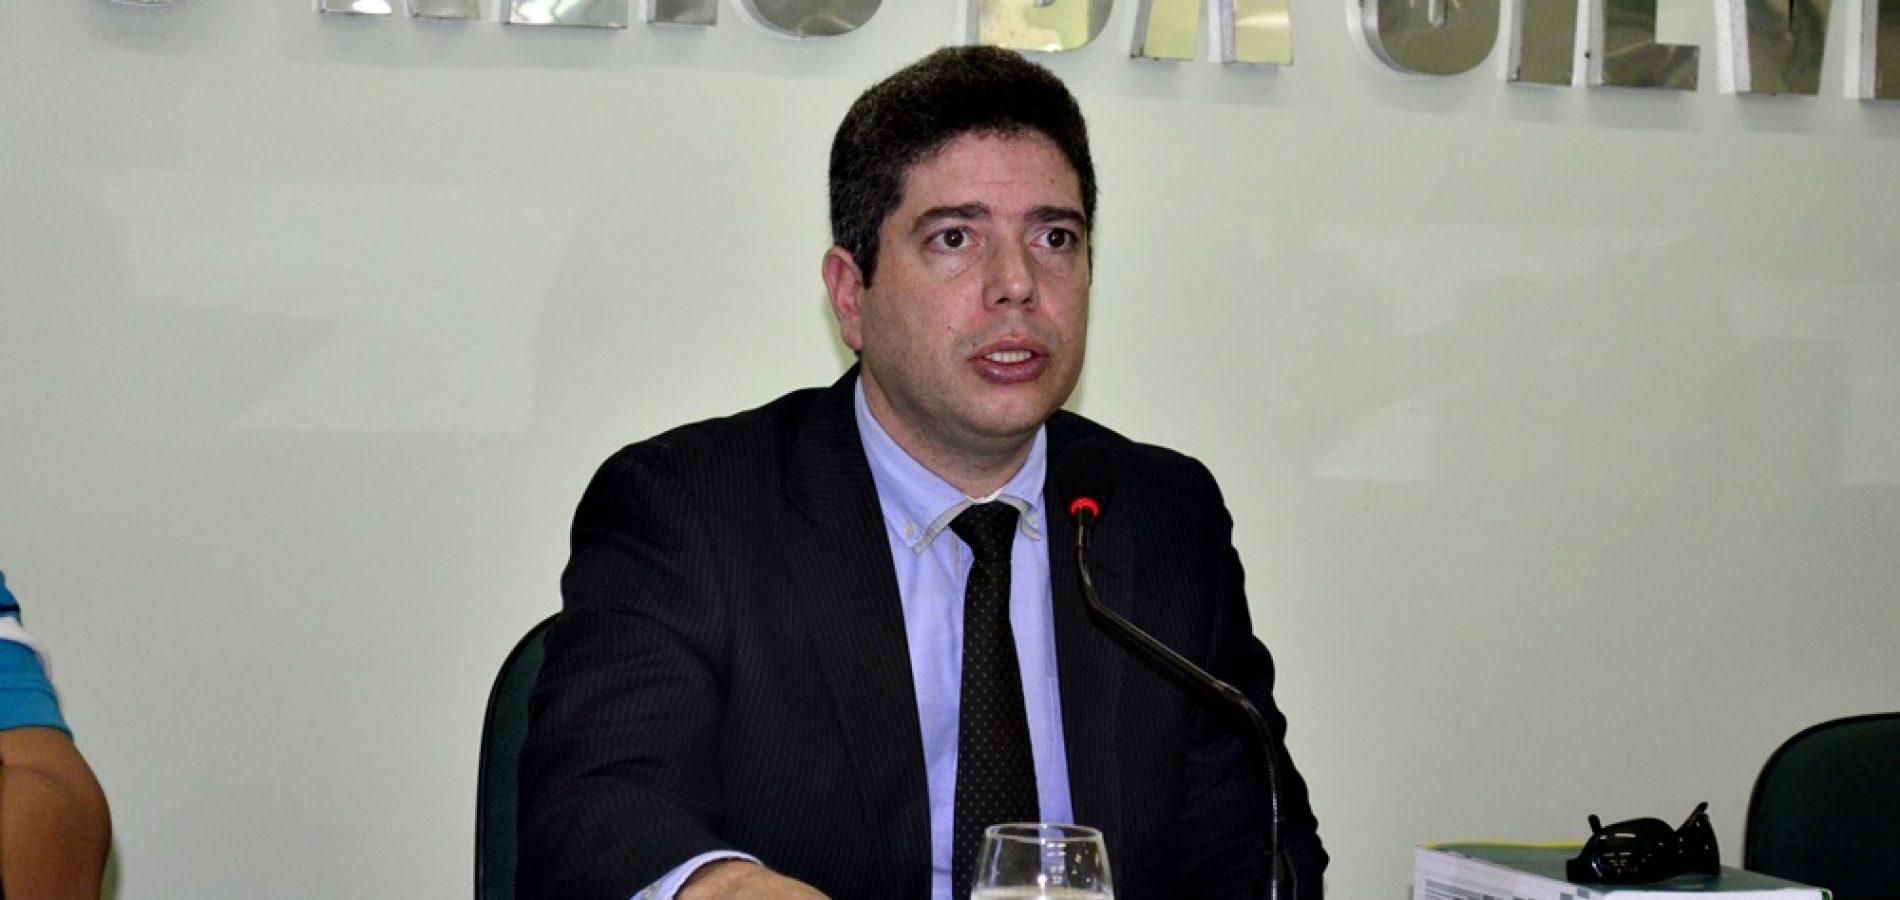 Justiça Eleitoral recebe 7 ações de impugnação em Campo Grande e Patos do PI. Veja!